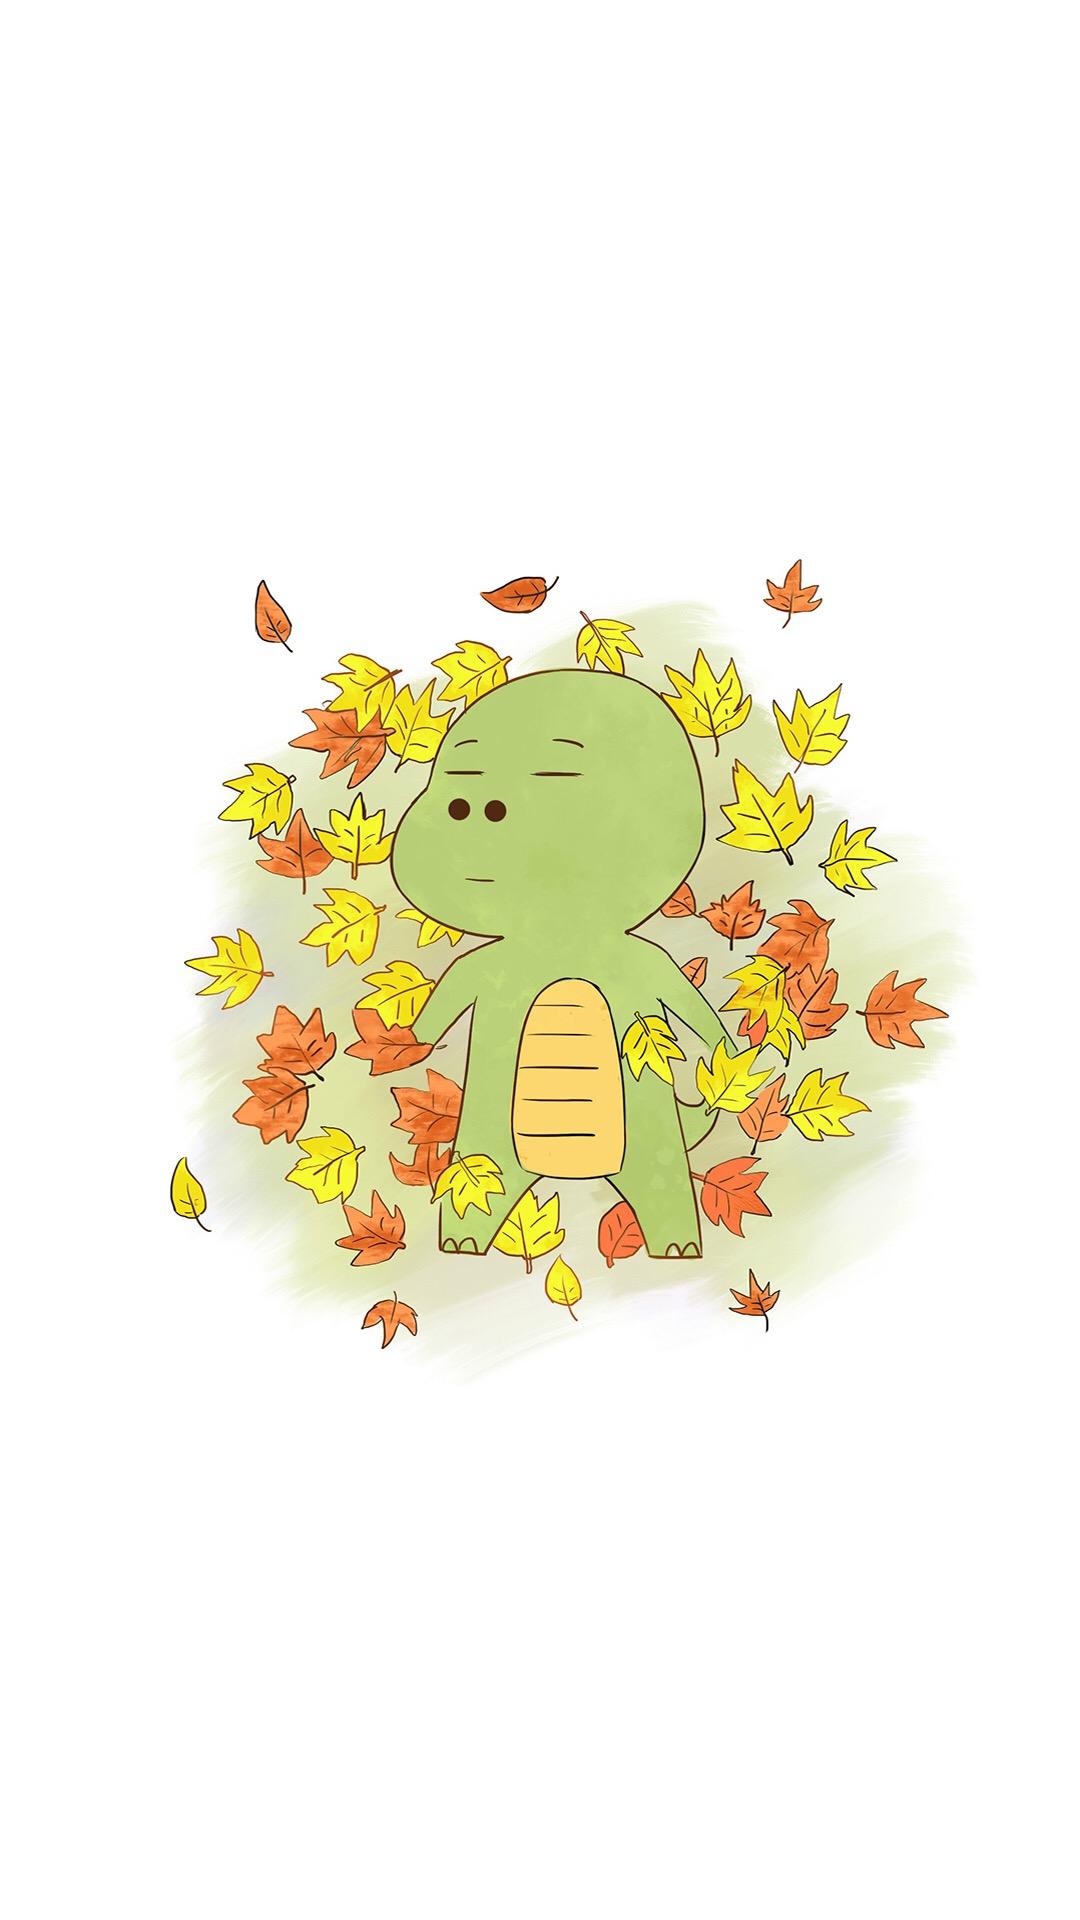 【v粉壁纸】卡通版小鳄鱼【9p】